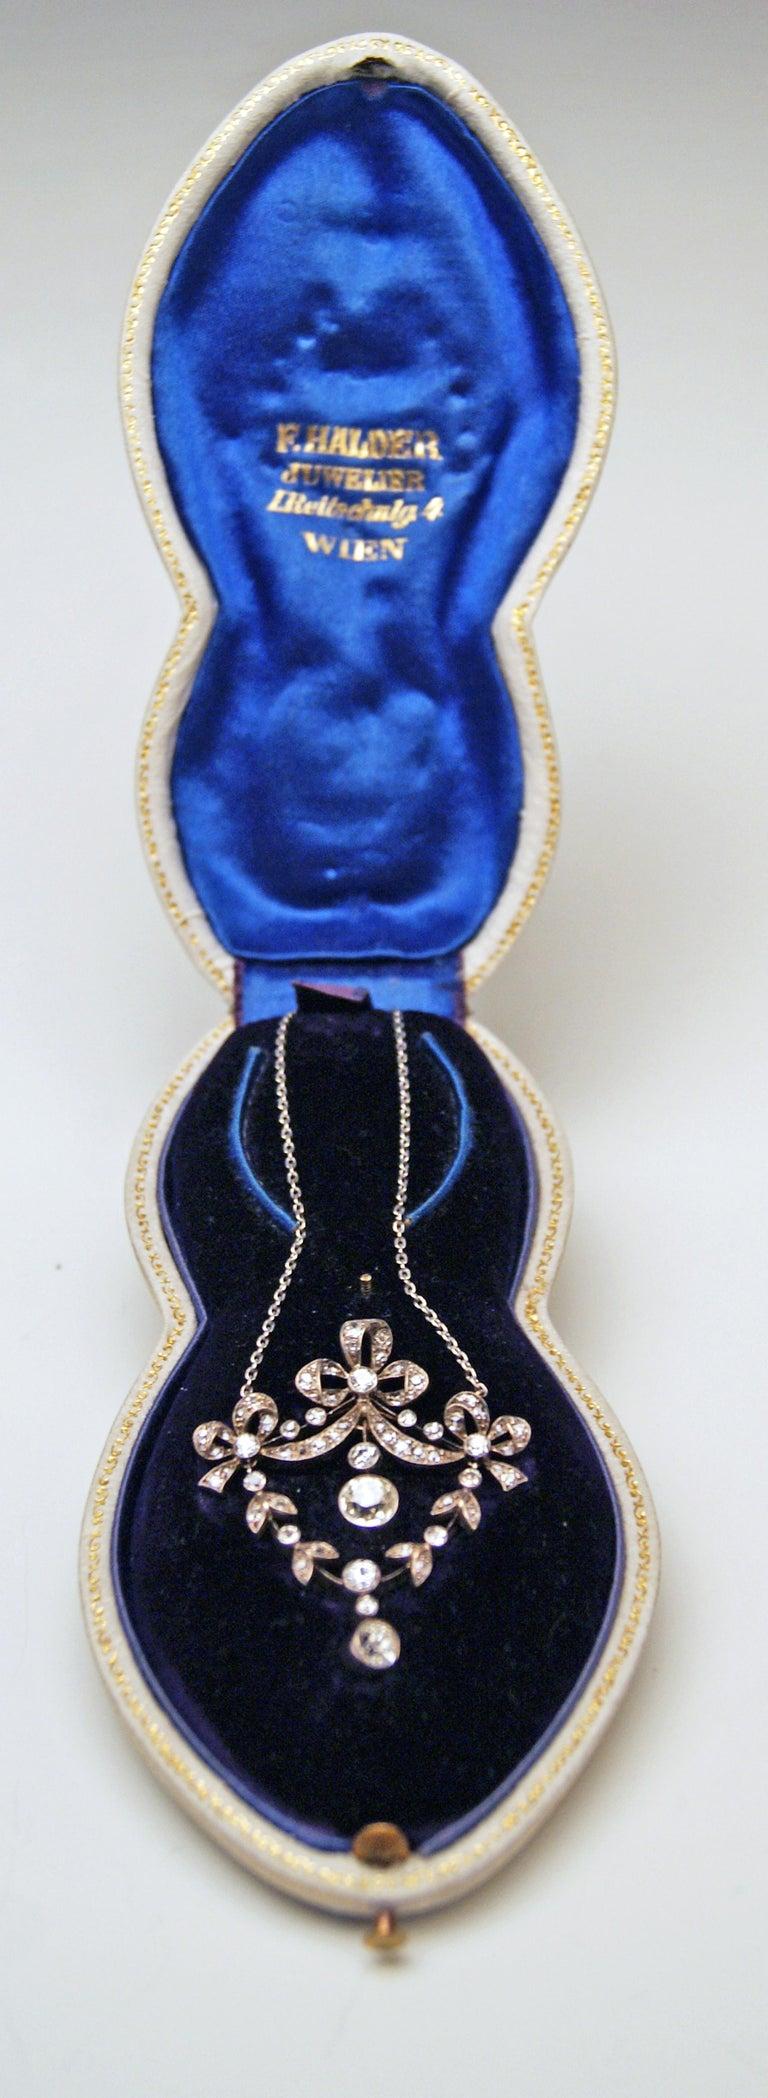 Art Nouveau Necklace Brooch Gold 585 Diamonds '3.0 Carat' by Halder Vienna For Sale 2